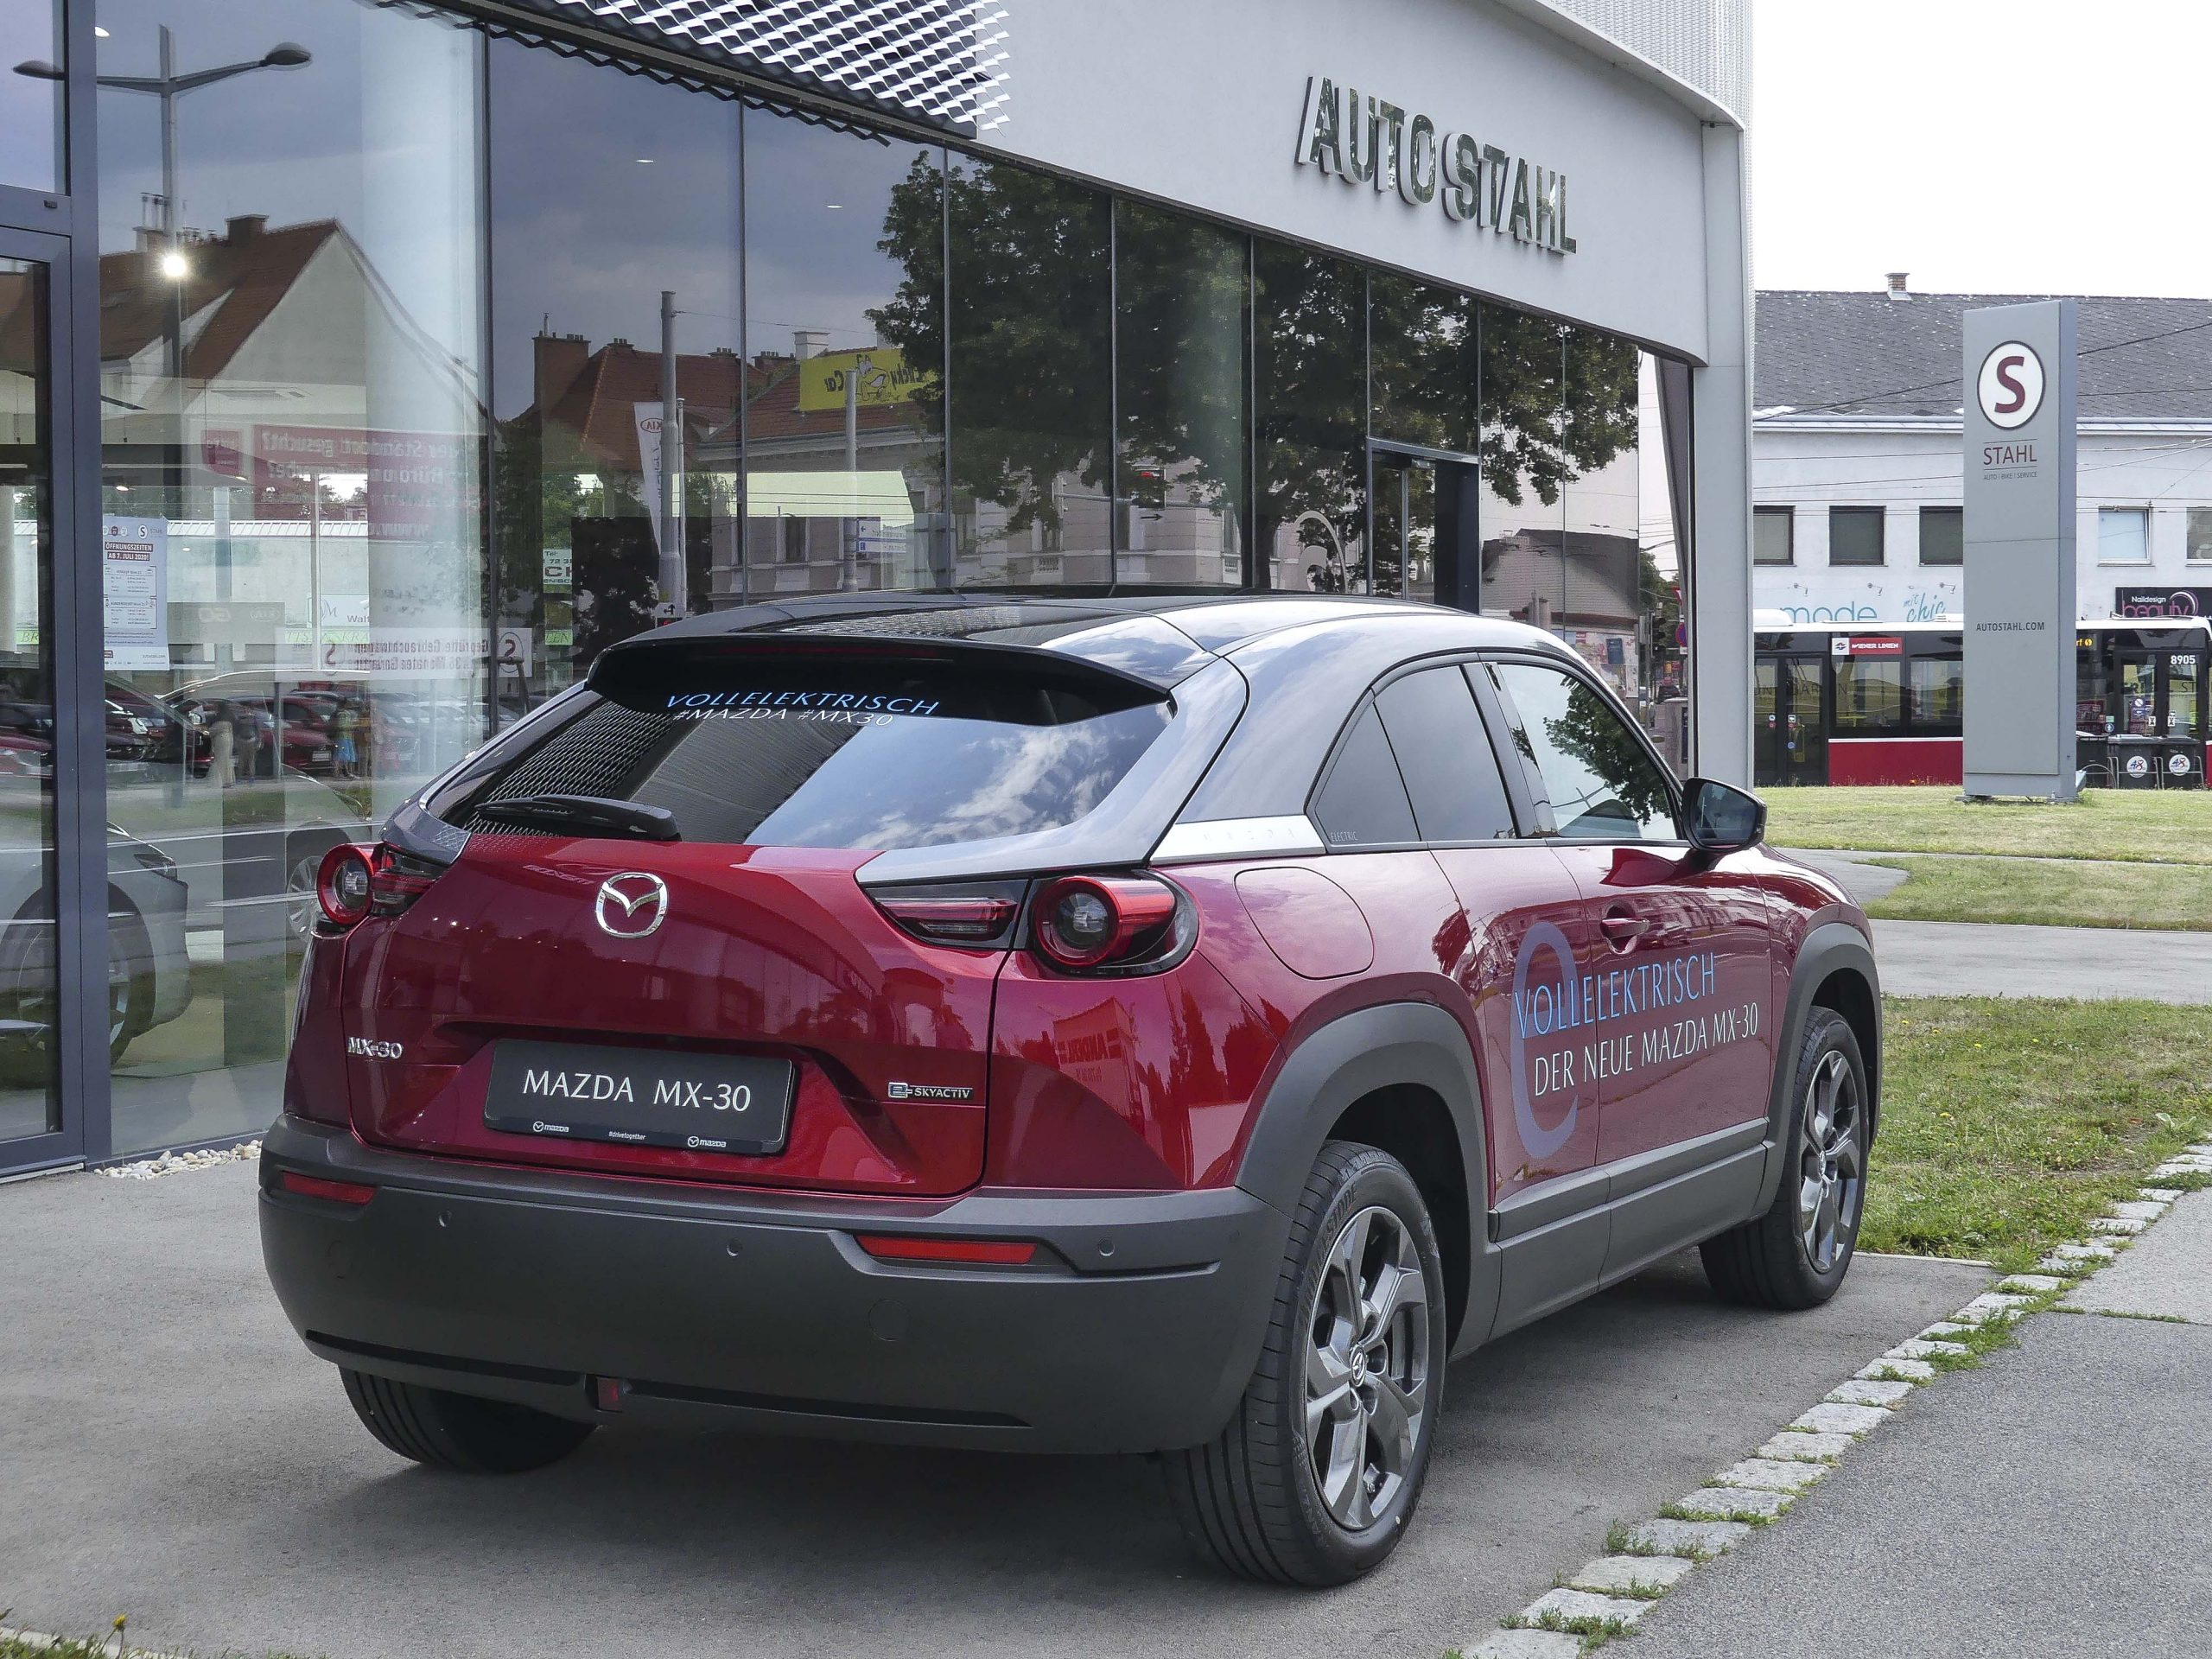 Mazda MX-30 bei AUTO STAHL, Ansicht vom Heck vor dem Schauraum in der Pragerstraße 278